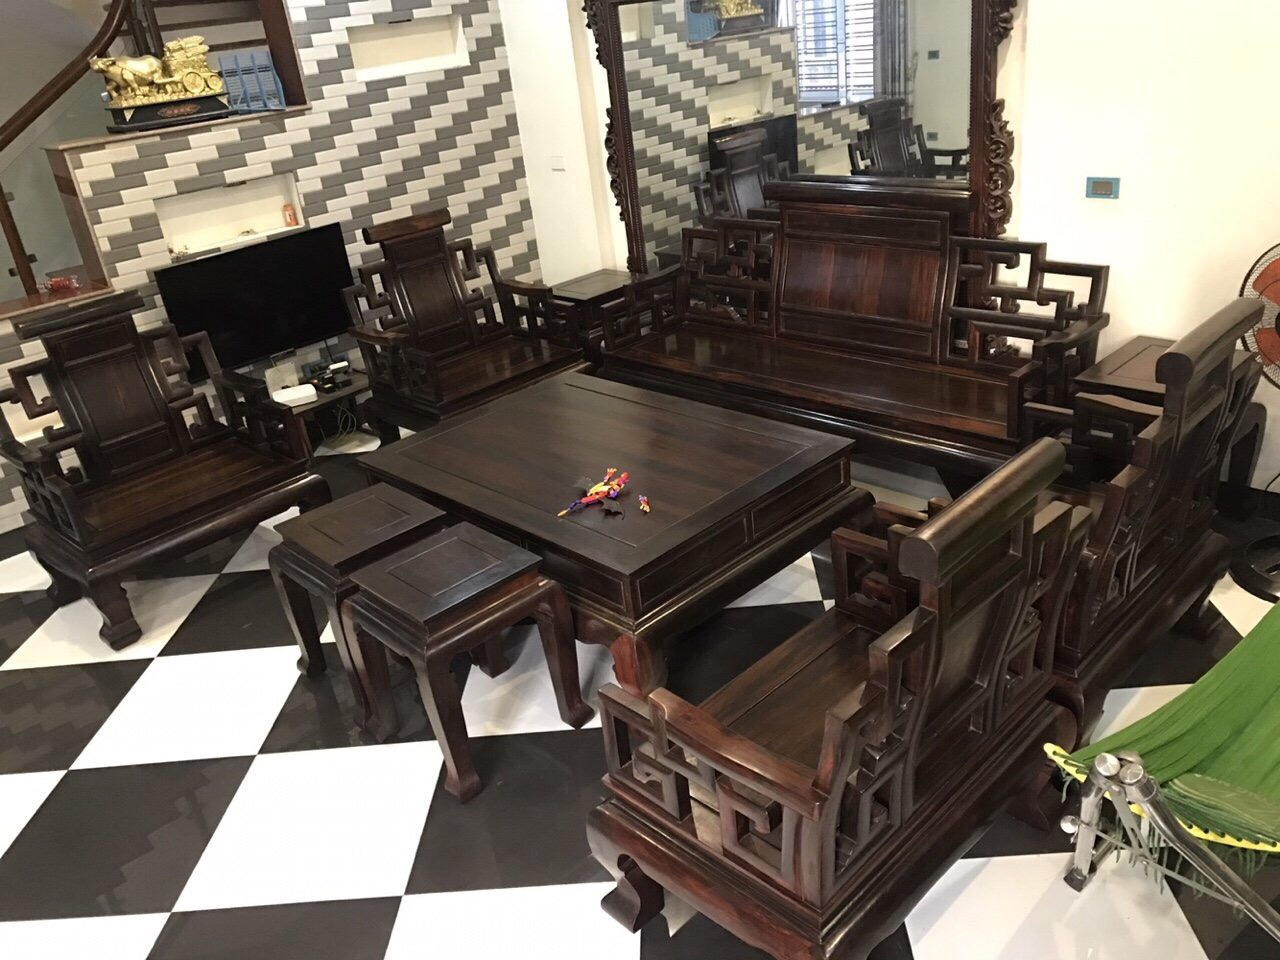 Thu mua đồ gỗ cũ tỉnh Thái Bình cam kết giá cao 1